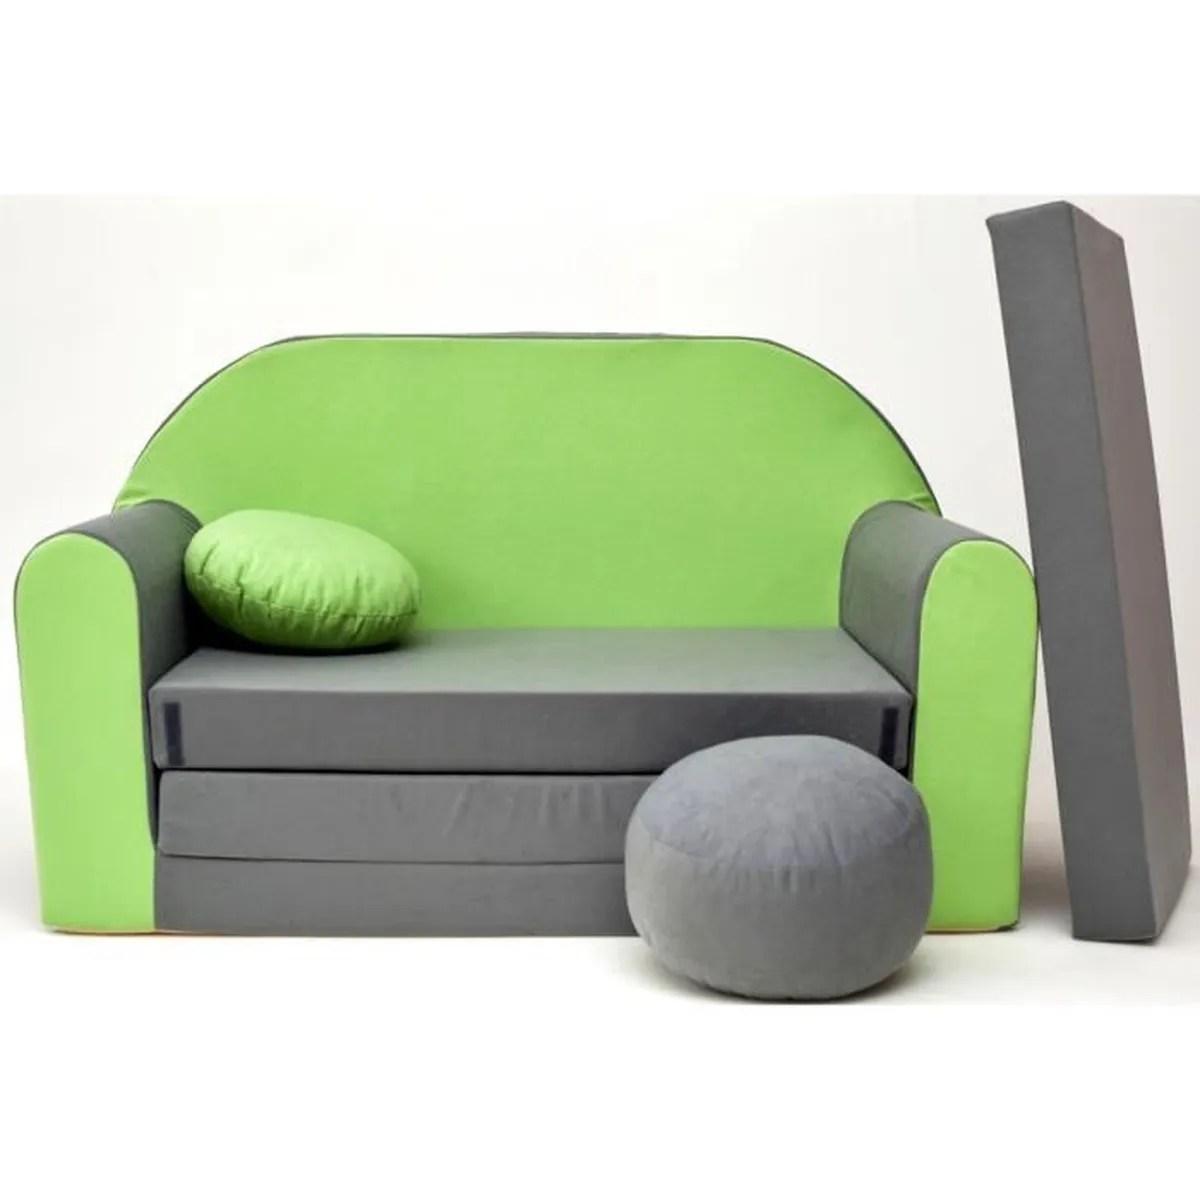 Canape Sofa Enfant 2 Places Convertible Gris Vert Achat